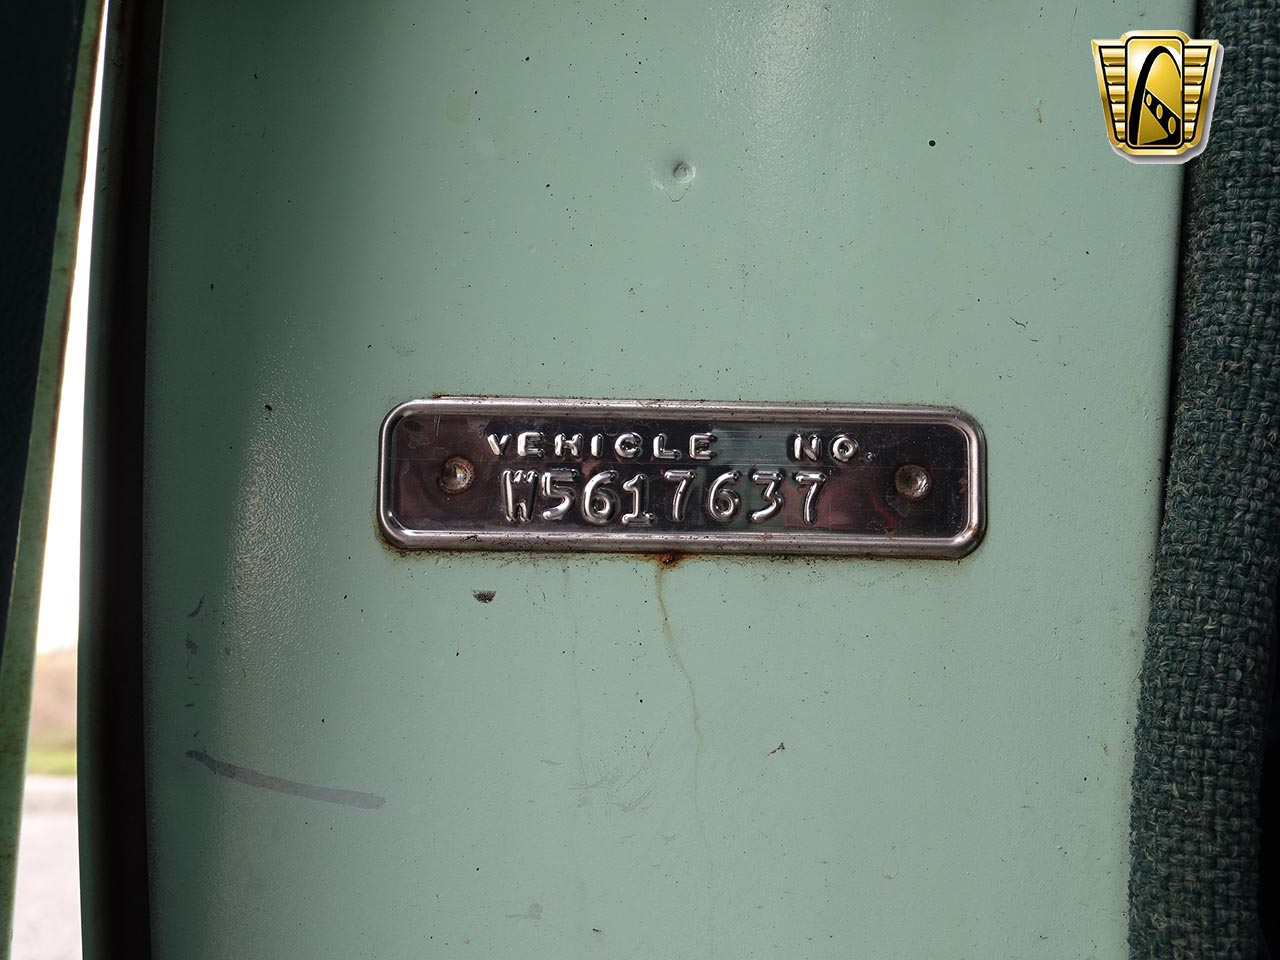 1956 Chrysler Windsor 81